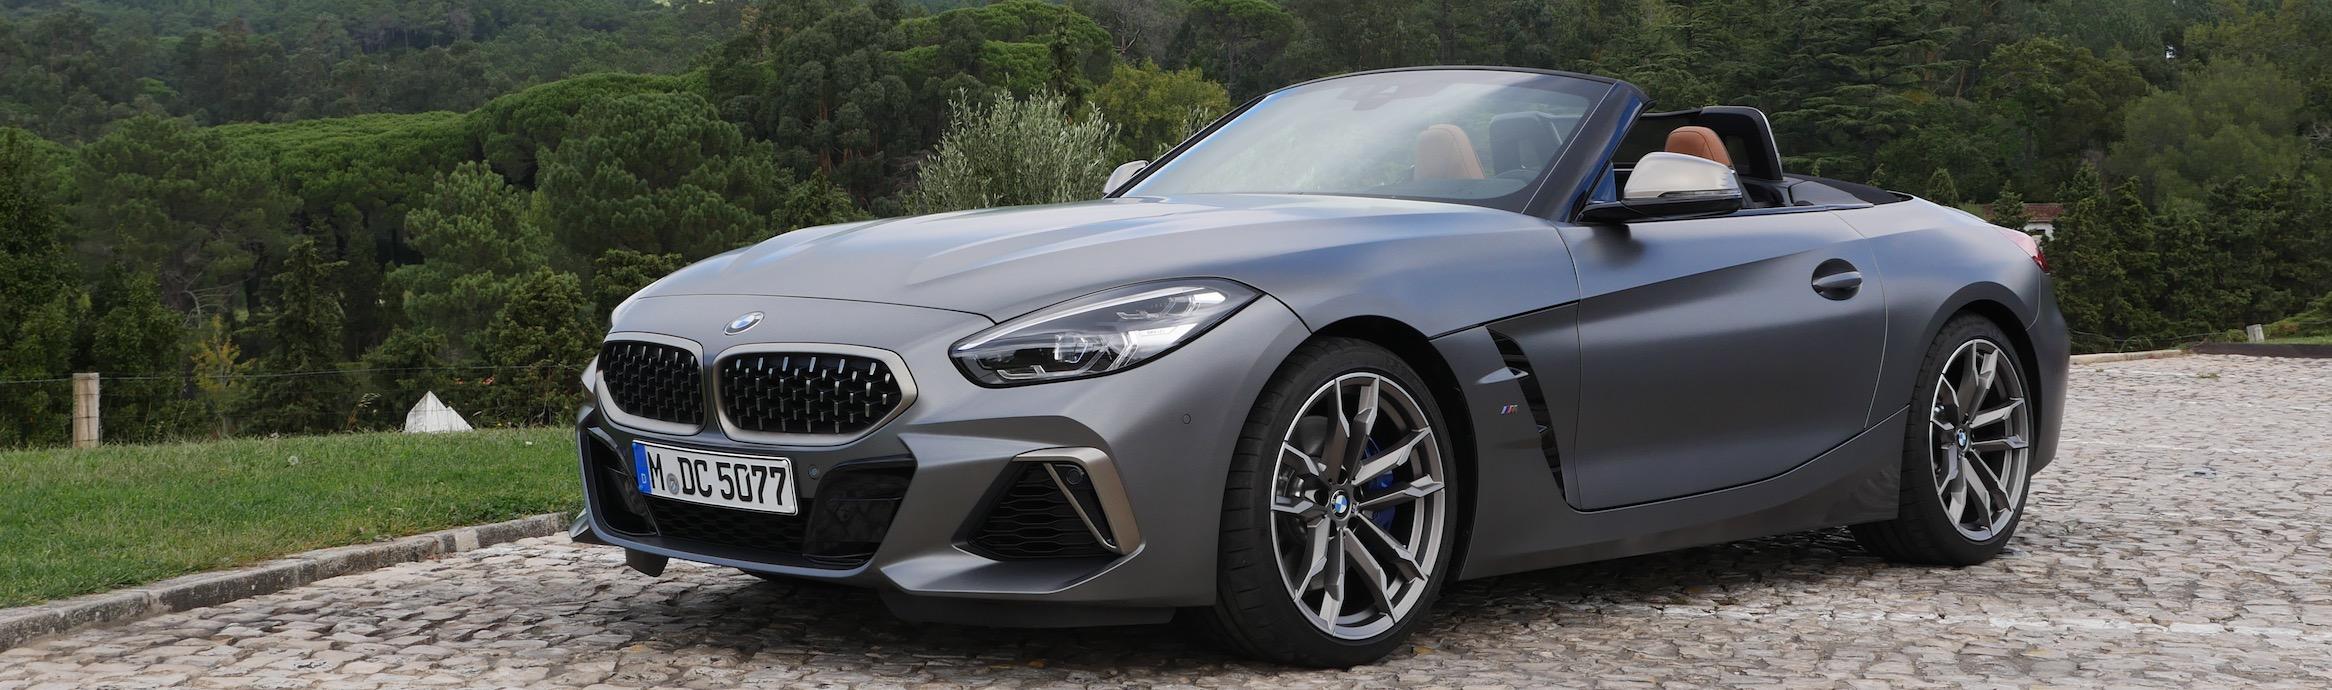 Neuer Bmw Z4 M40i Fahrbericht 2019 G29 Autogefuhl